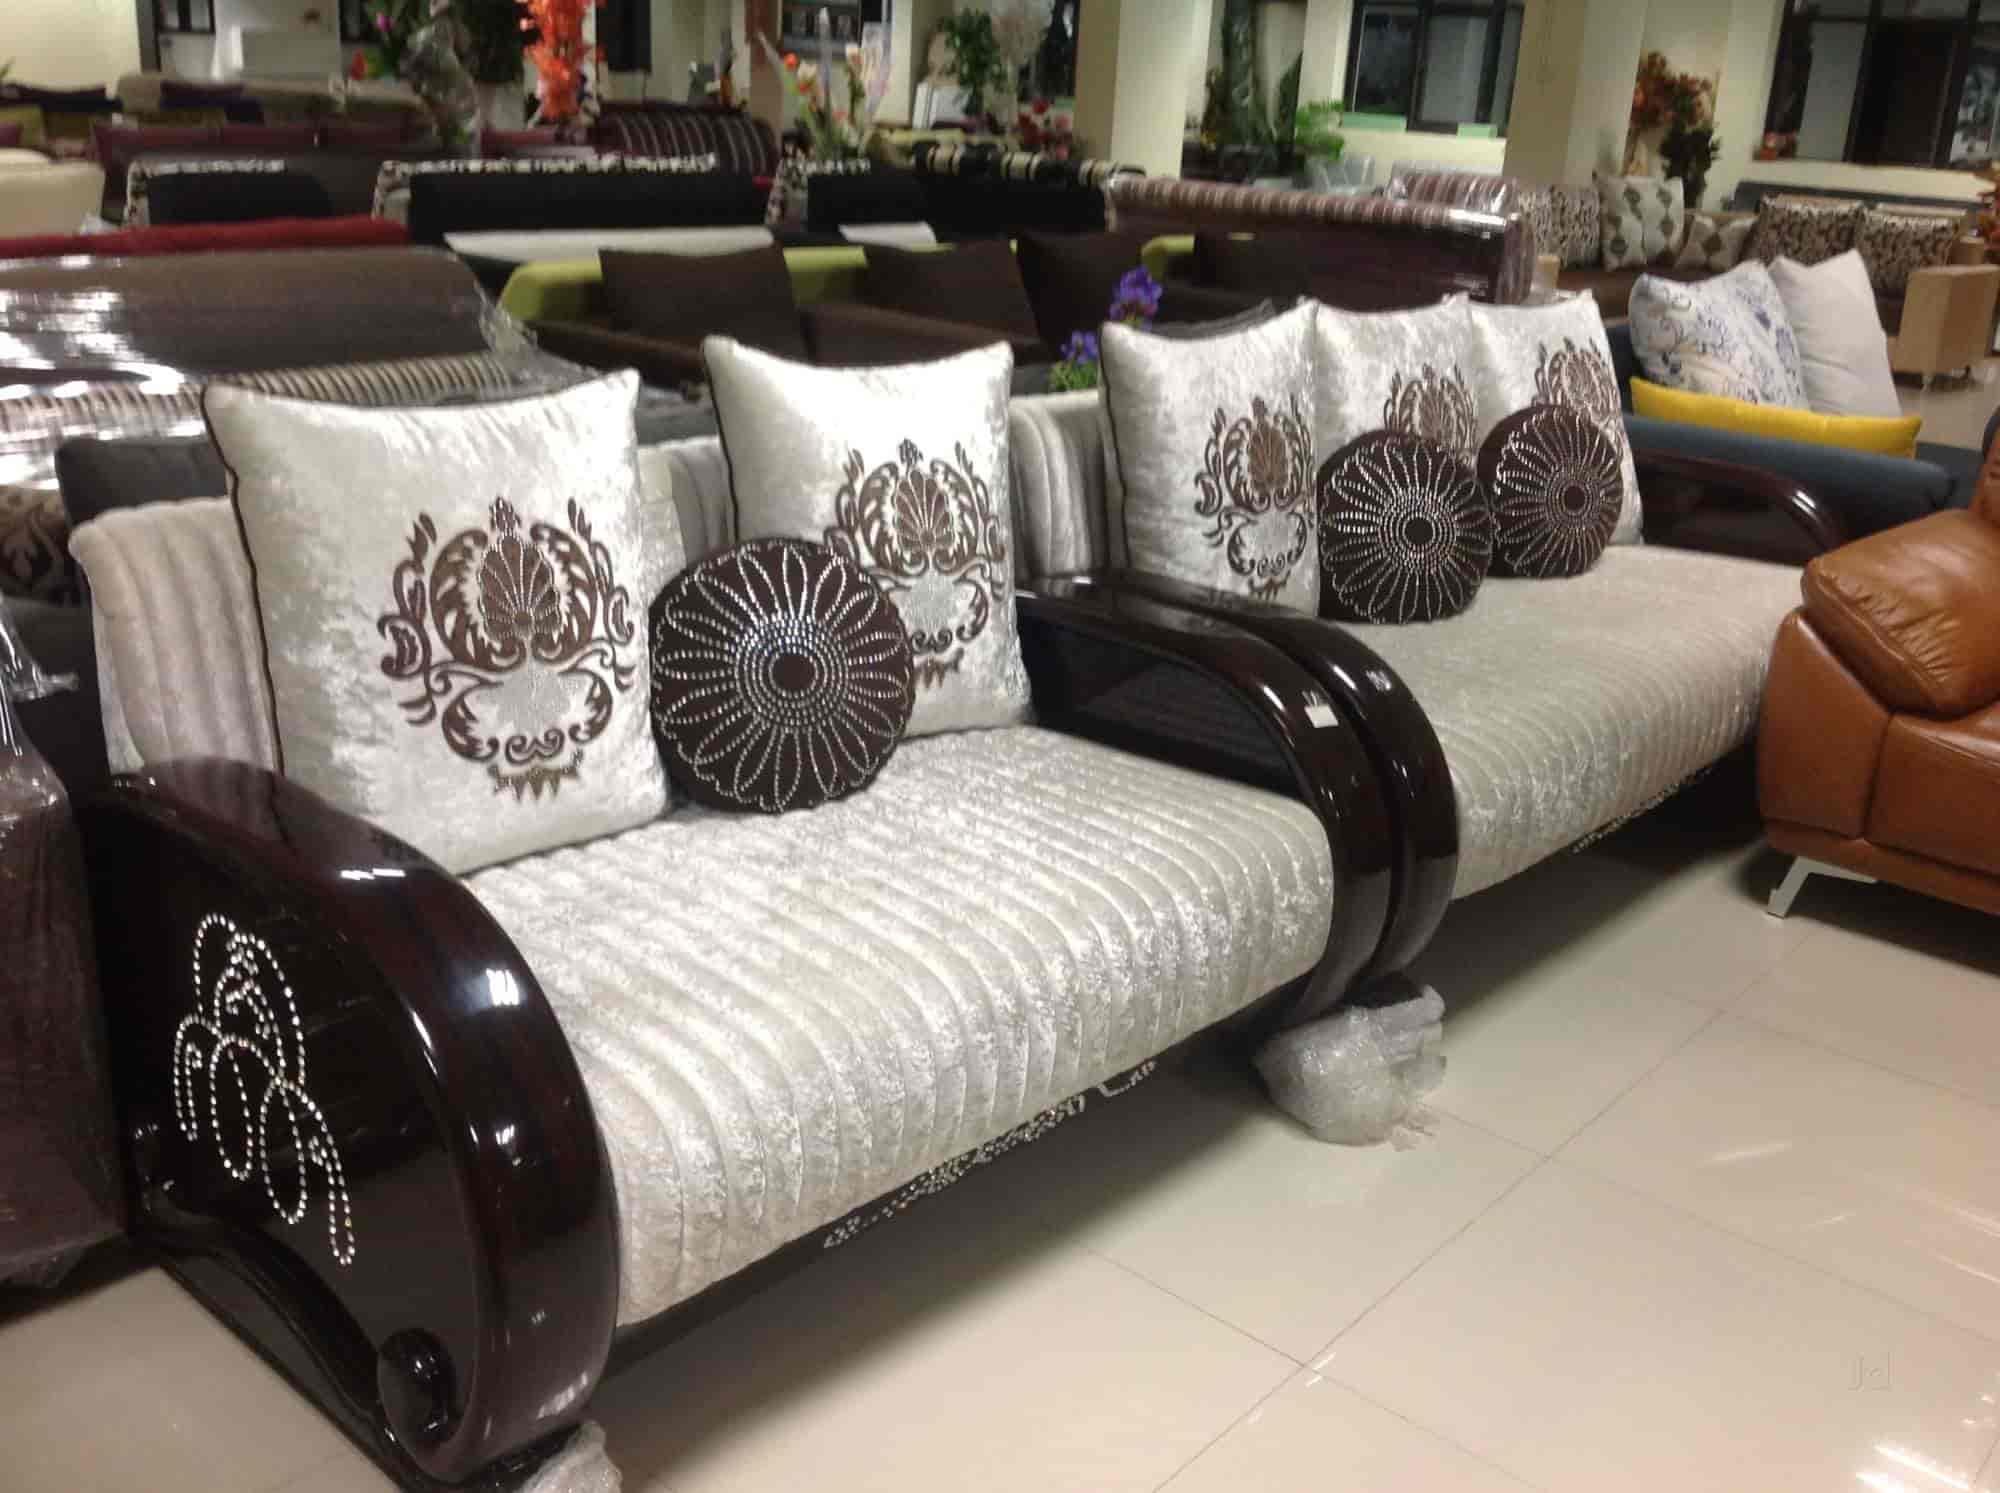 Chavan Furniture s Bijapur Road Sholapur Solapur